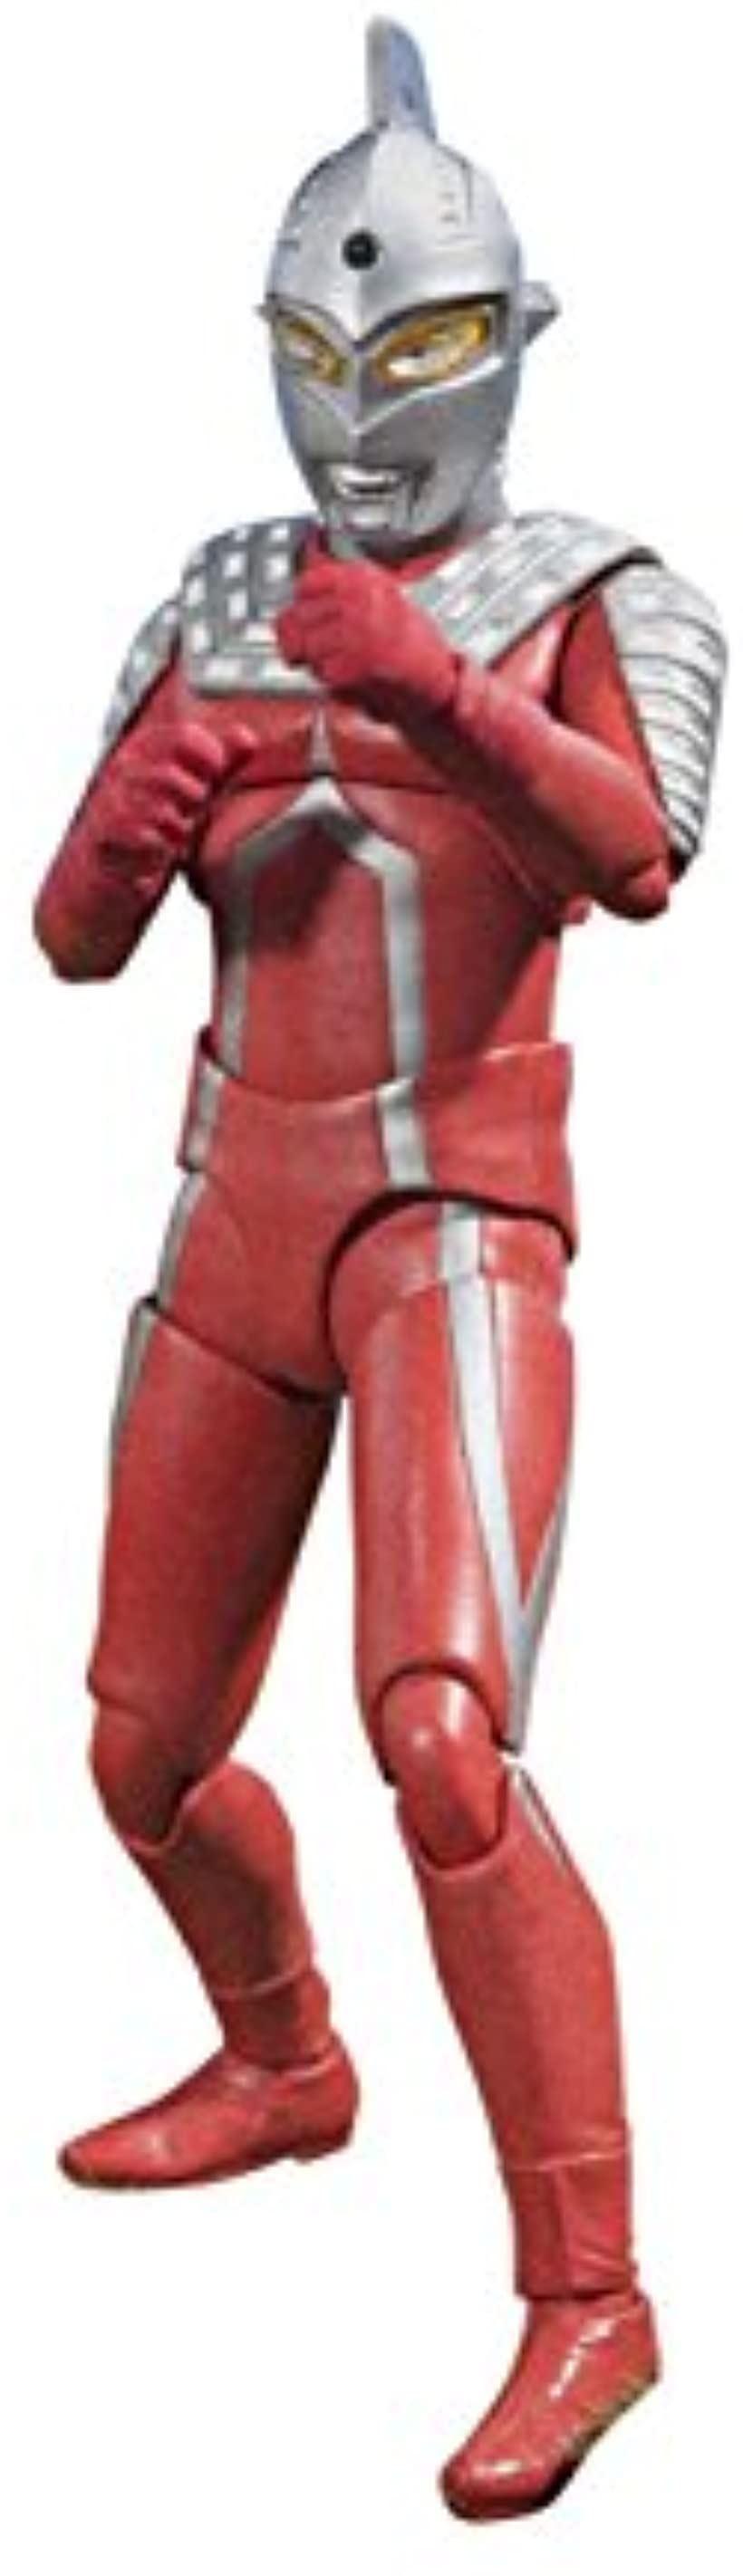 S.H.フィギュアーツ ウルトラセブン 約150mm PVC&ABS製 塗装済み可動フィギュア [BAN03735] [バンダイ(BANDAI)]